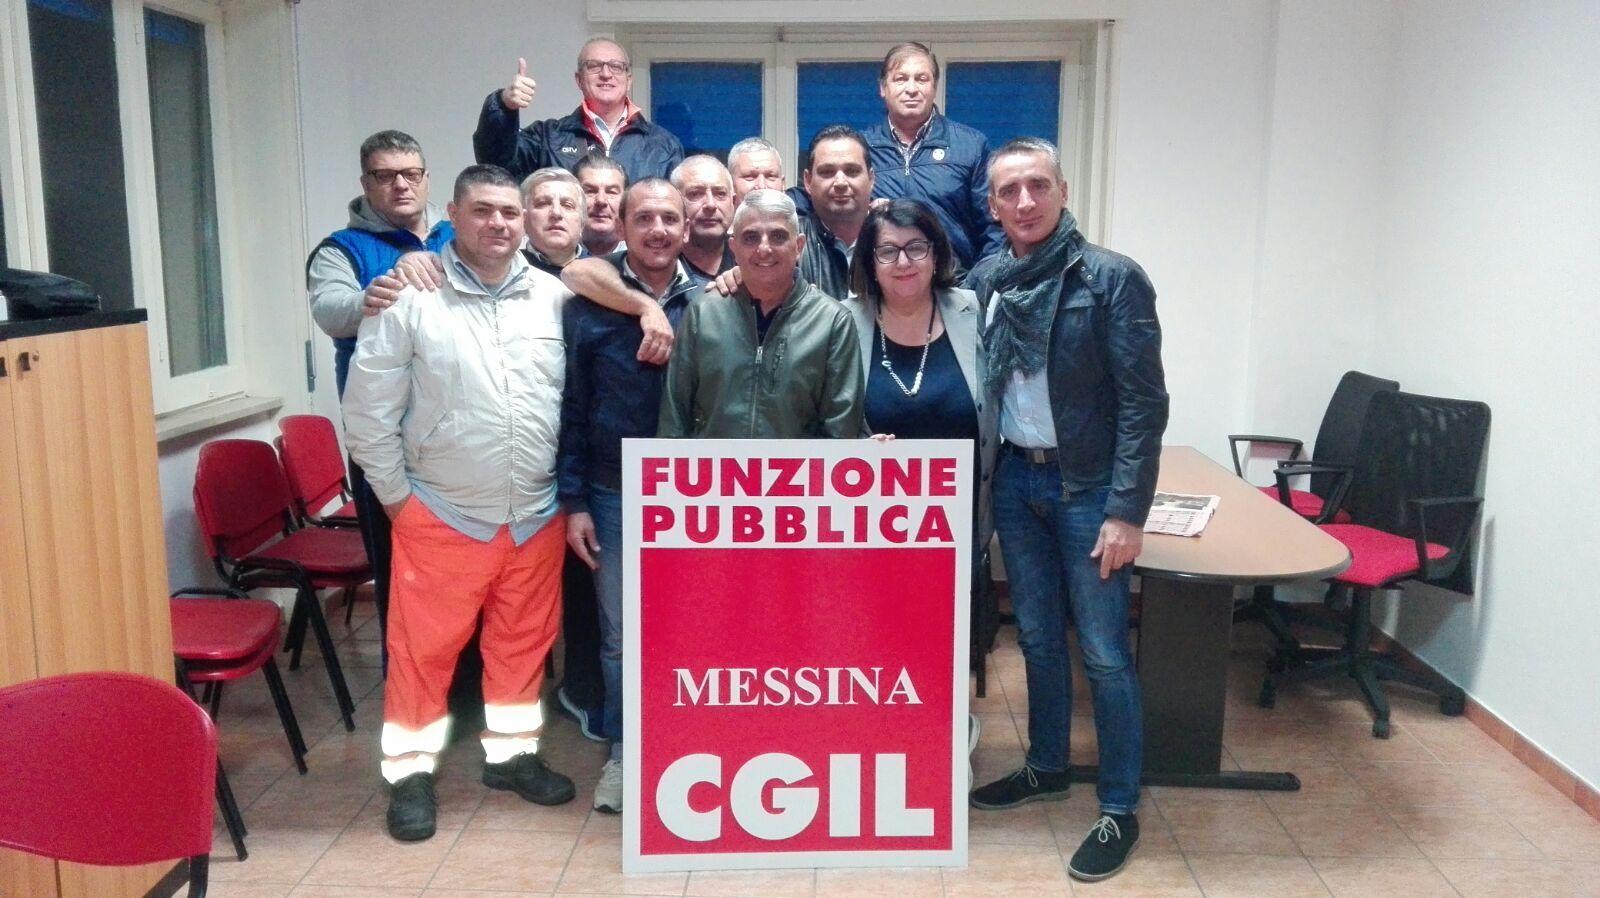 CGIL e FPCGIL ritengono non più procrastinabile la decisione sul passaggio dei lavoratori dalla Messinambiente alla Messina Servizi.